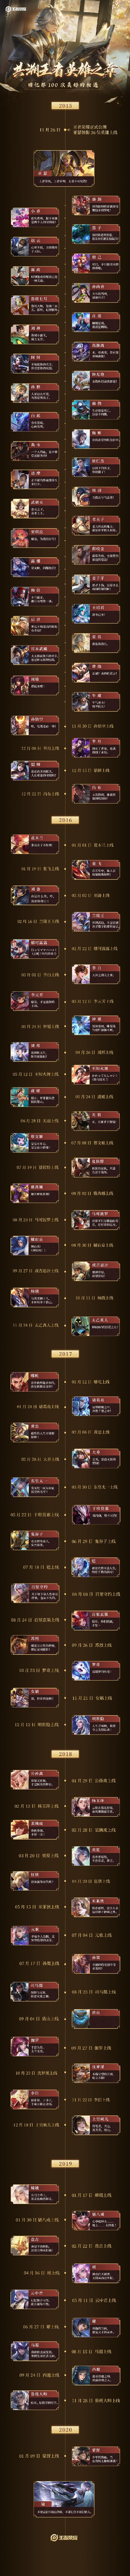 《王者荣耀》迎来第100位英雄 官方制图曝光